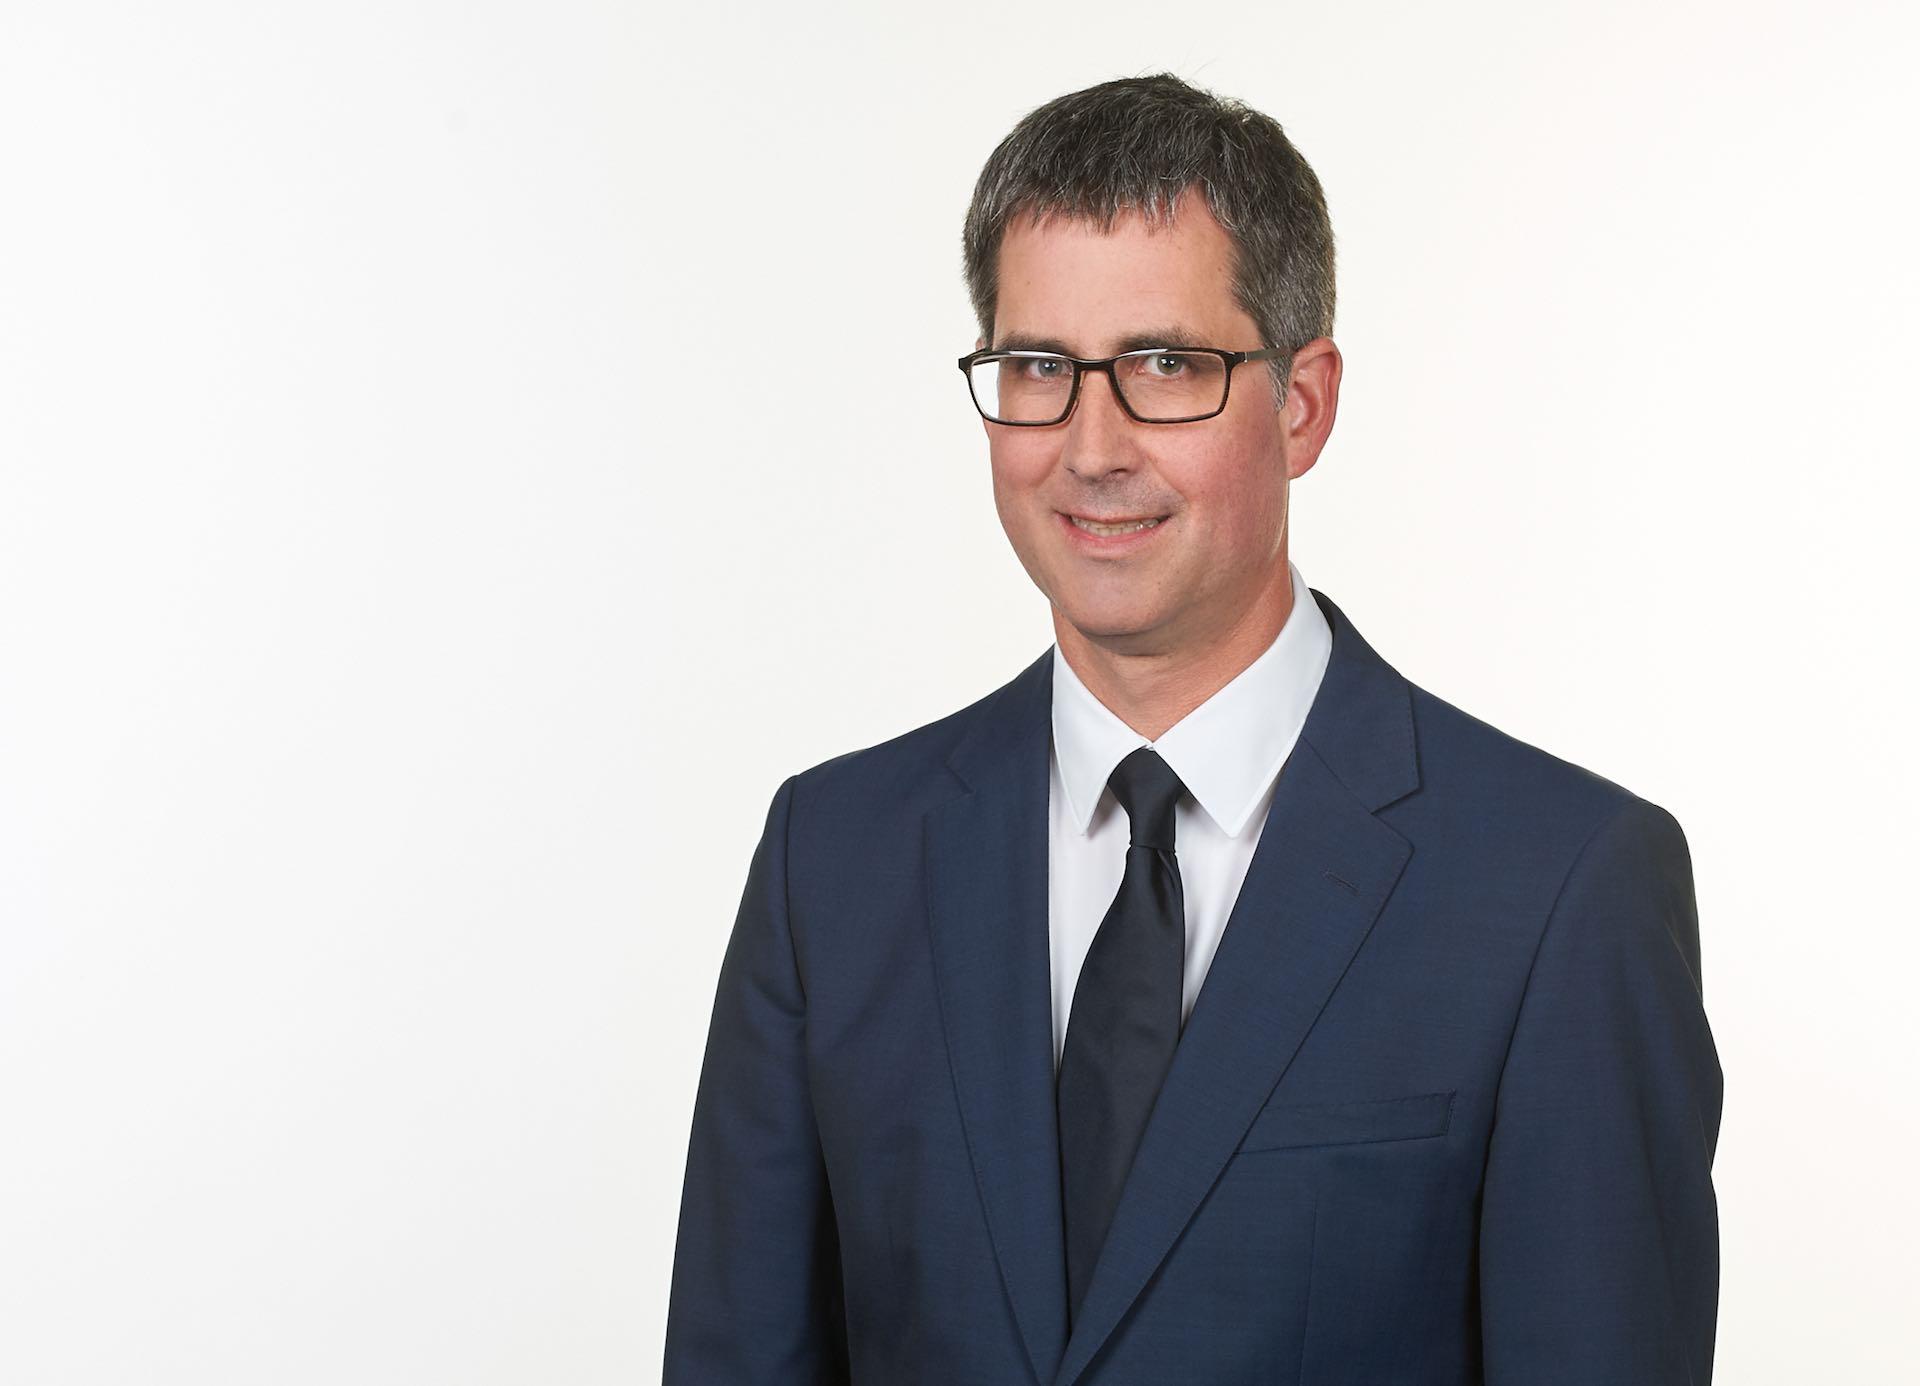 Peter Schüttrich